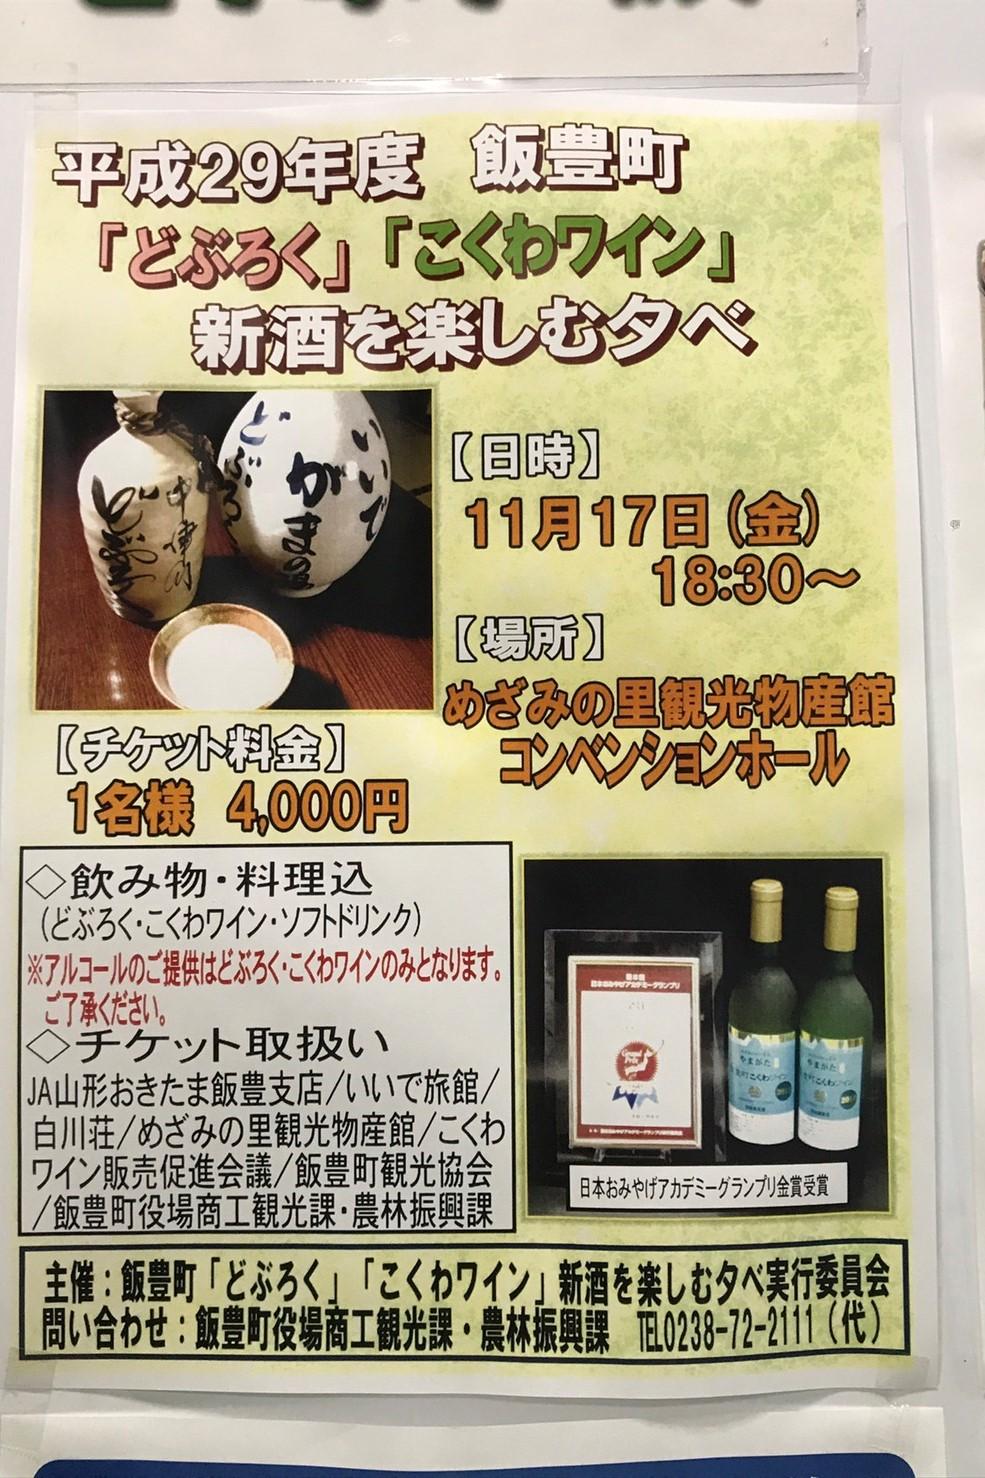 平成29年度 飯豊町「どぶろく」「こくわワイン」新酒を楽しむ夕べ:画像